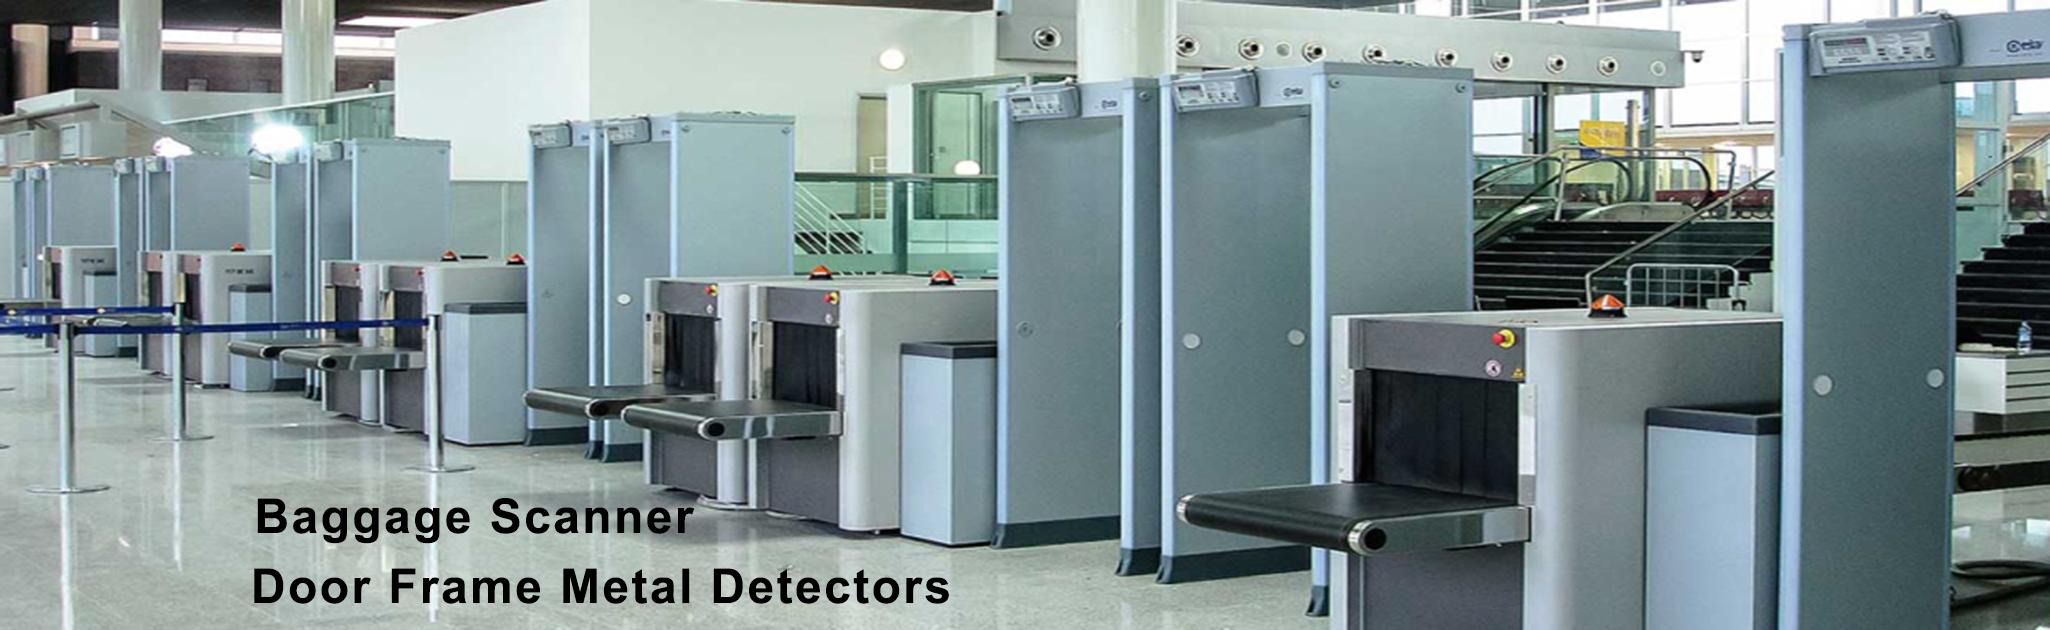 Baggage Scanning Machines